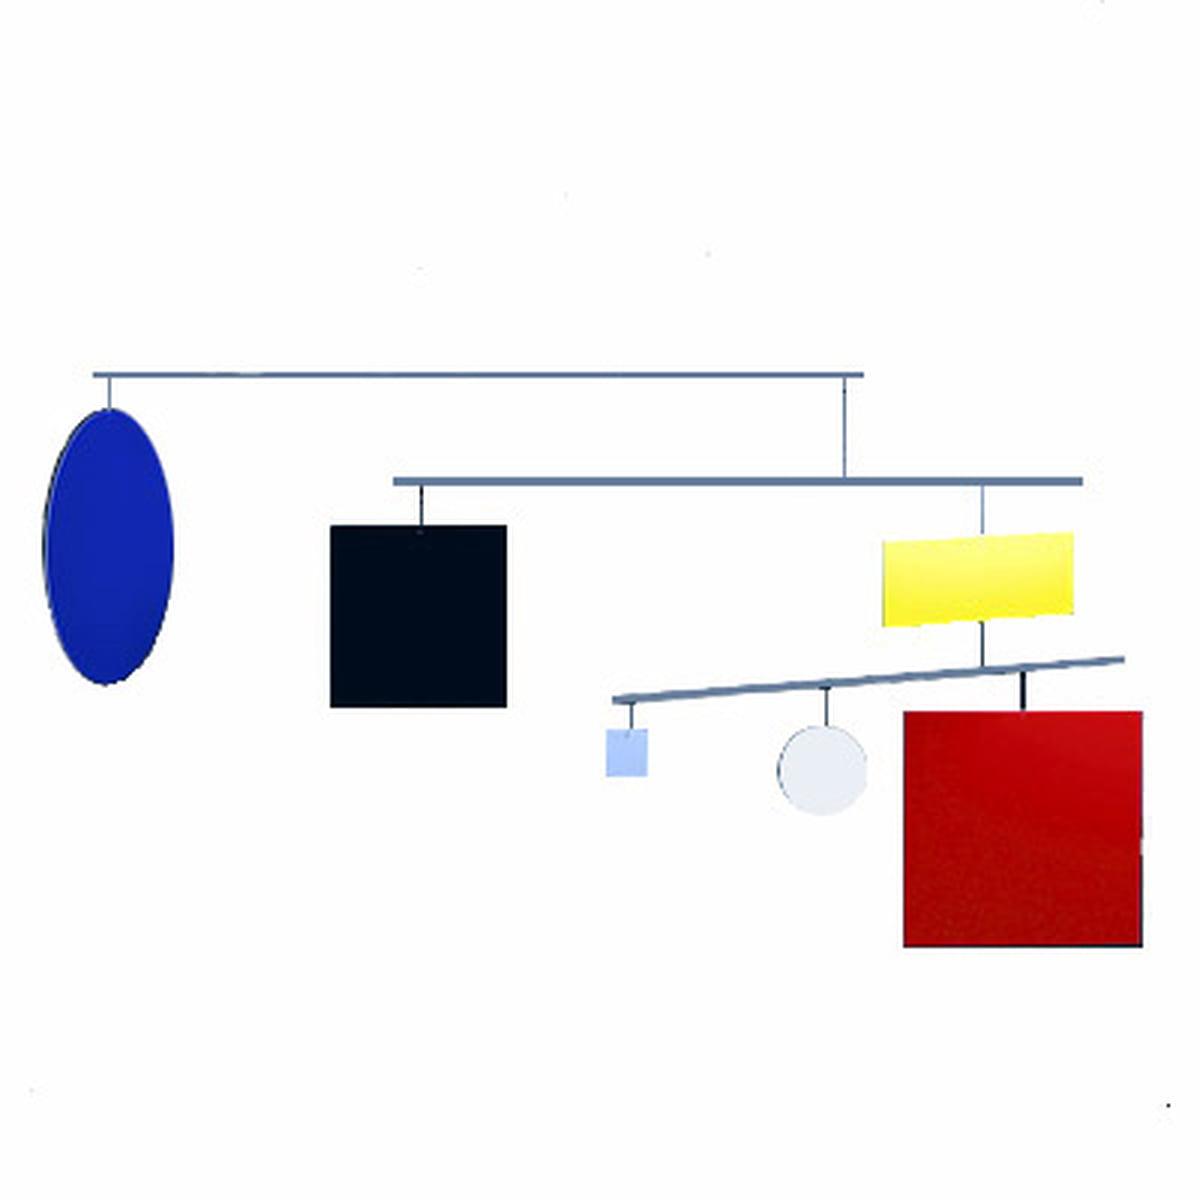 flensted mobiles guggenheim circle square. Black Bedroom Furniture Sets. Home Design Ideas